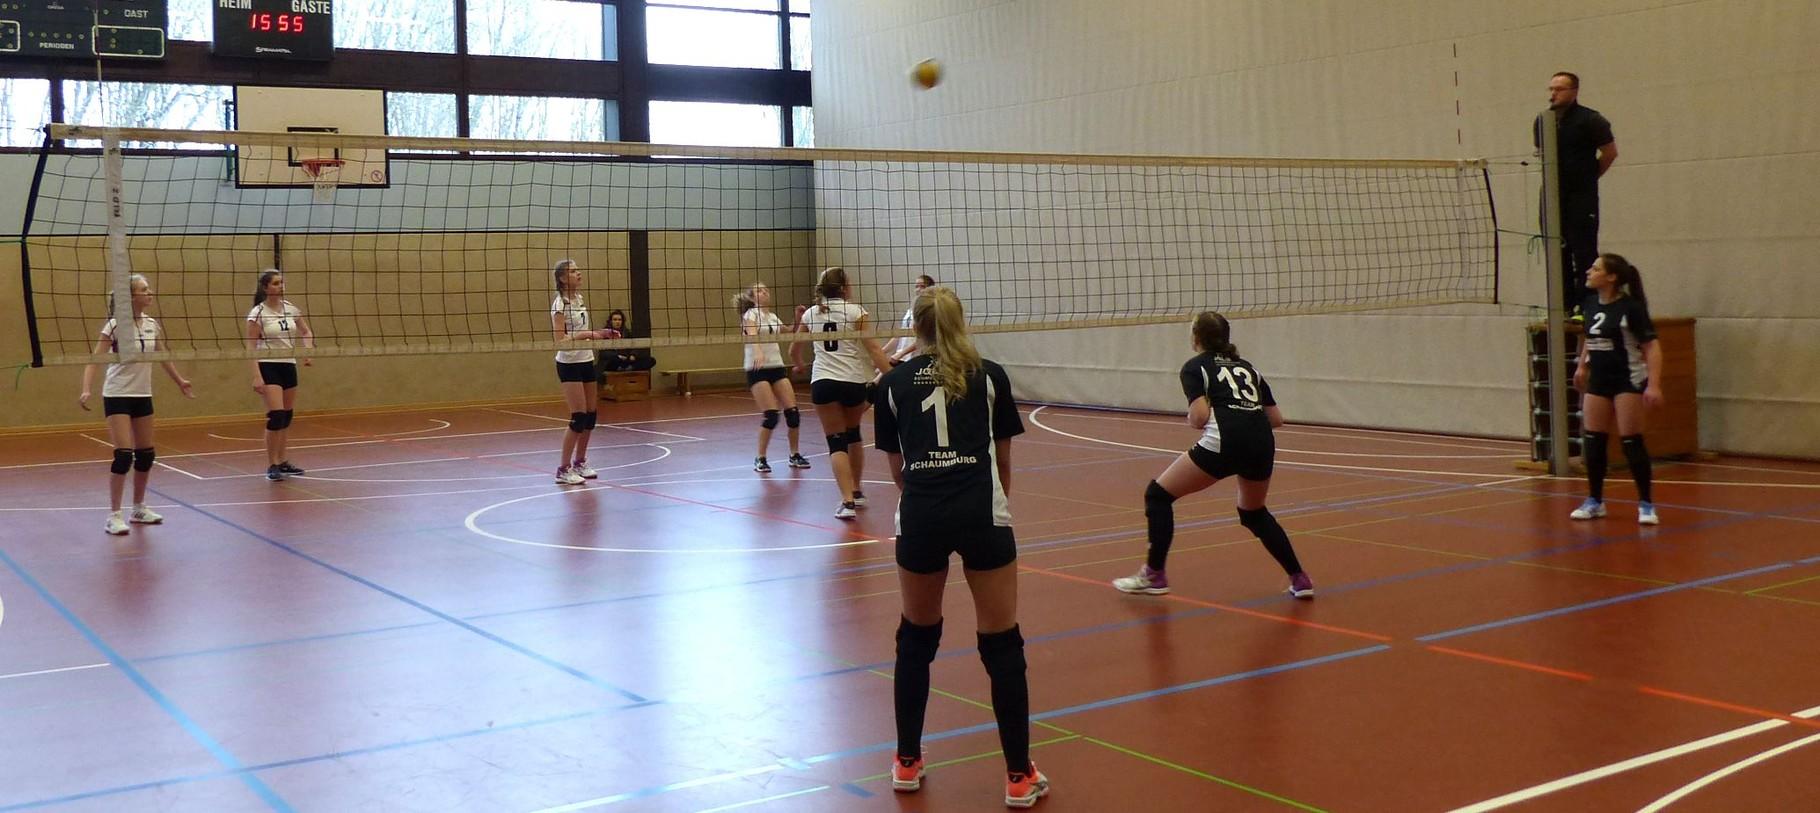 Lea Zimmermann mit gezieltem Ball in den Rücken des Gegners.